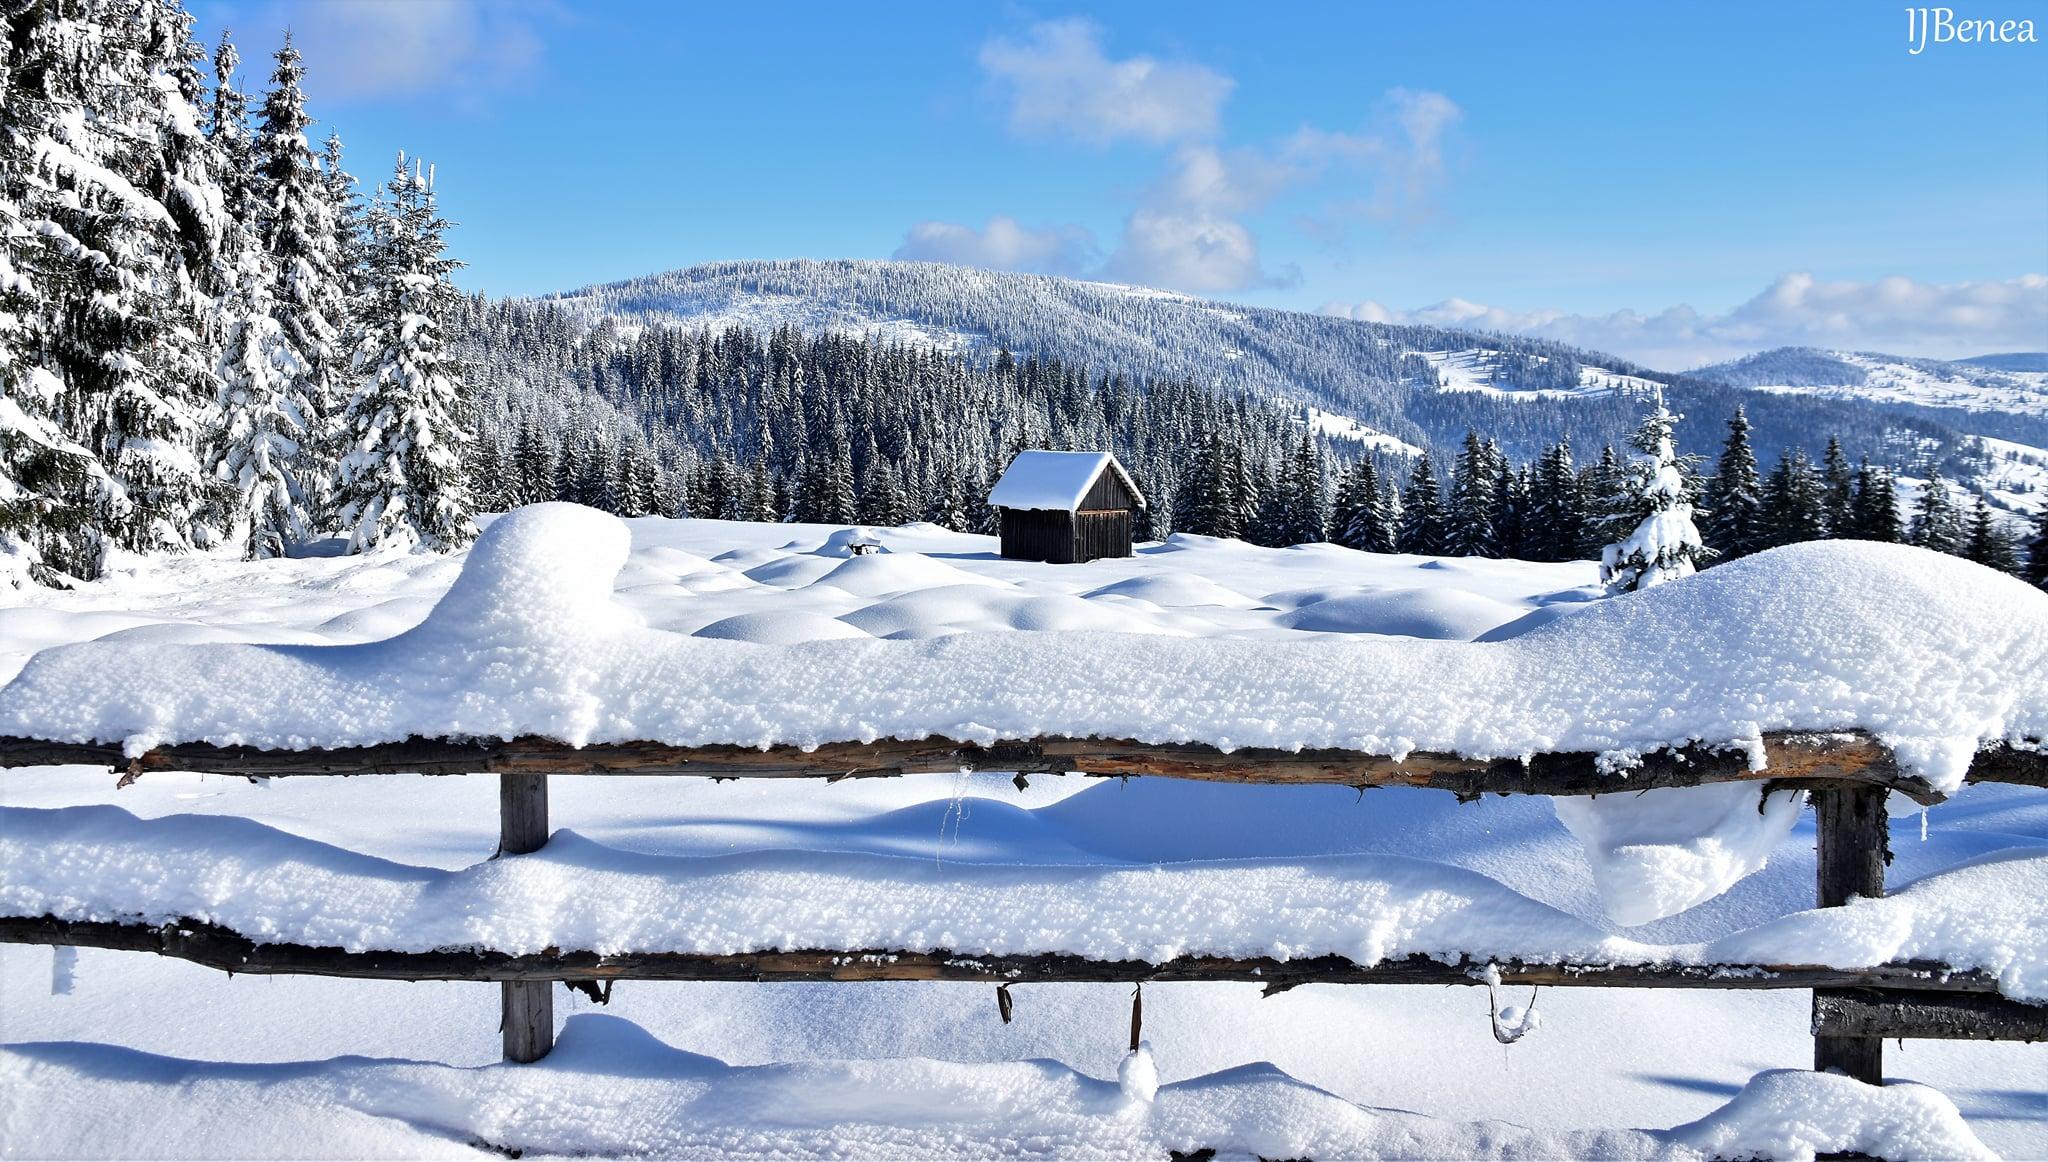 Privelisti ca-n povesti dincolo de vale - Ioan Benea Jurca